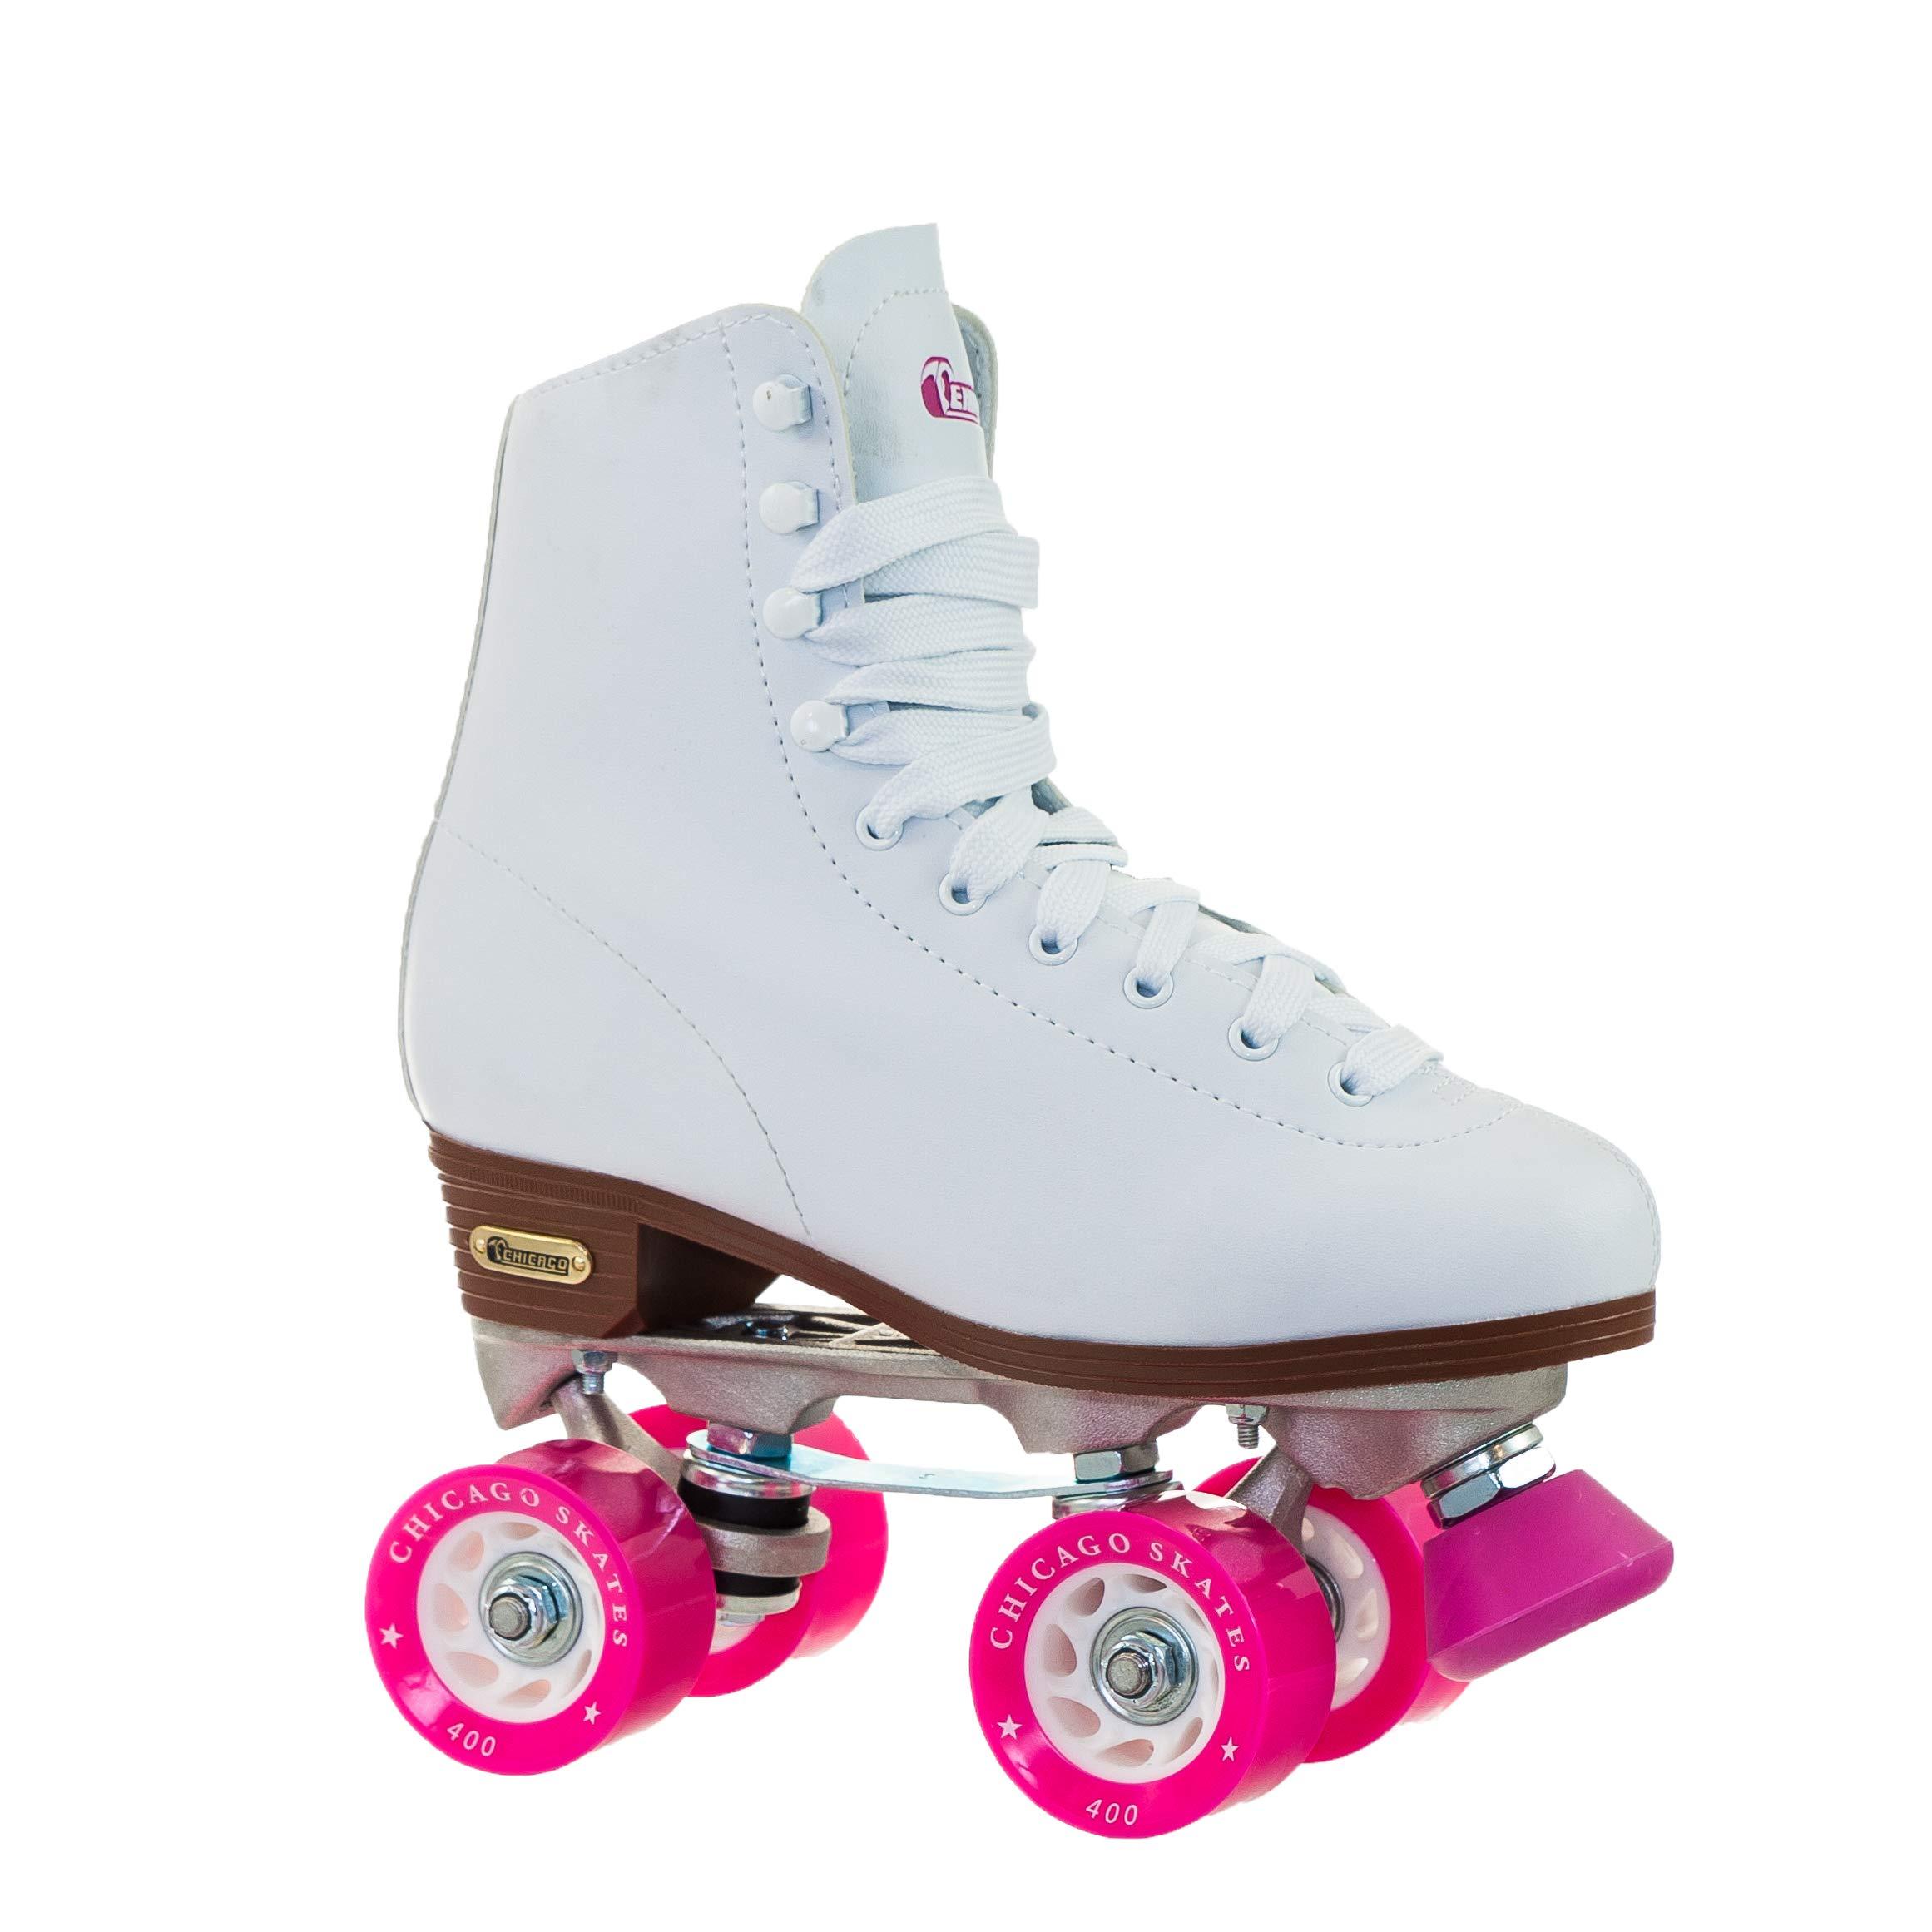 Chicago Women's Classic Roller Skates – White Rink Skates - Size 1